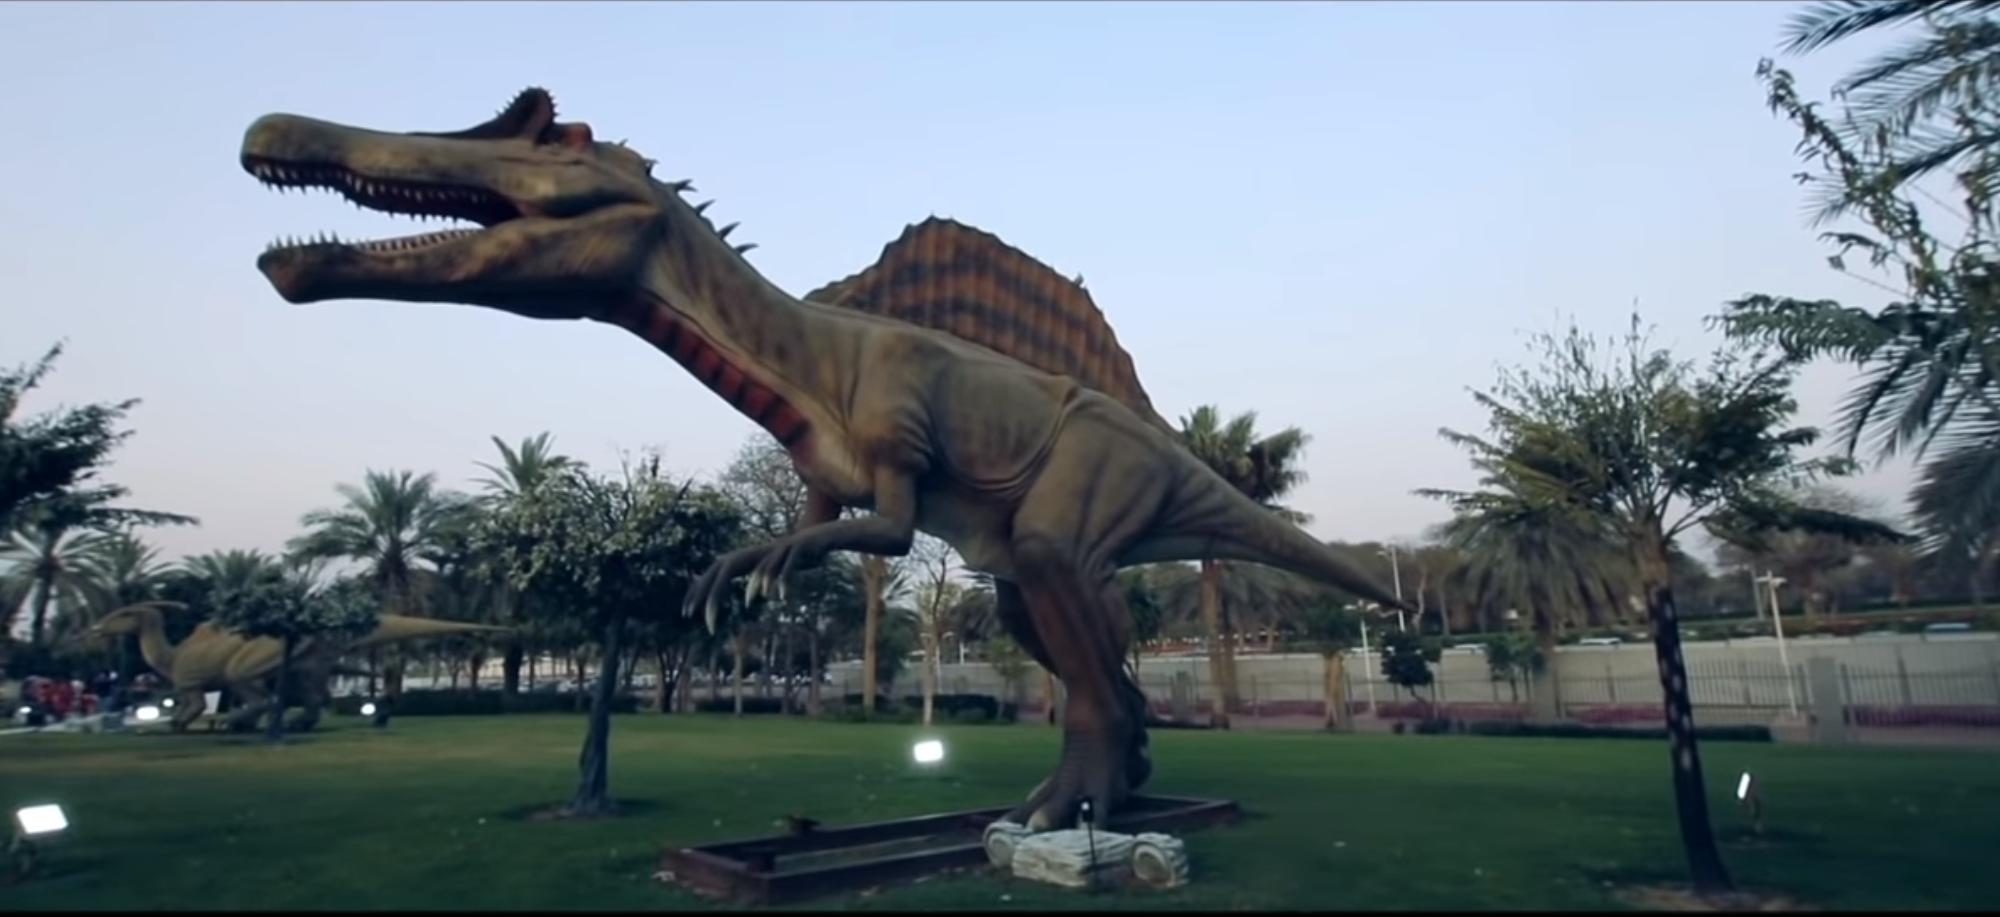 dubai animatronic dinosaur